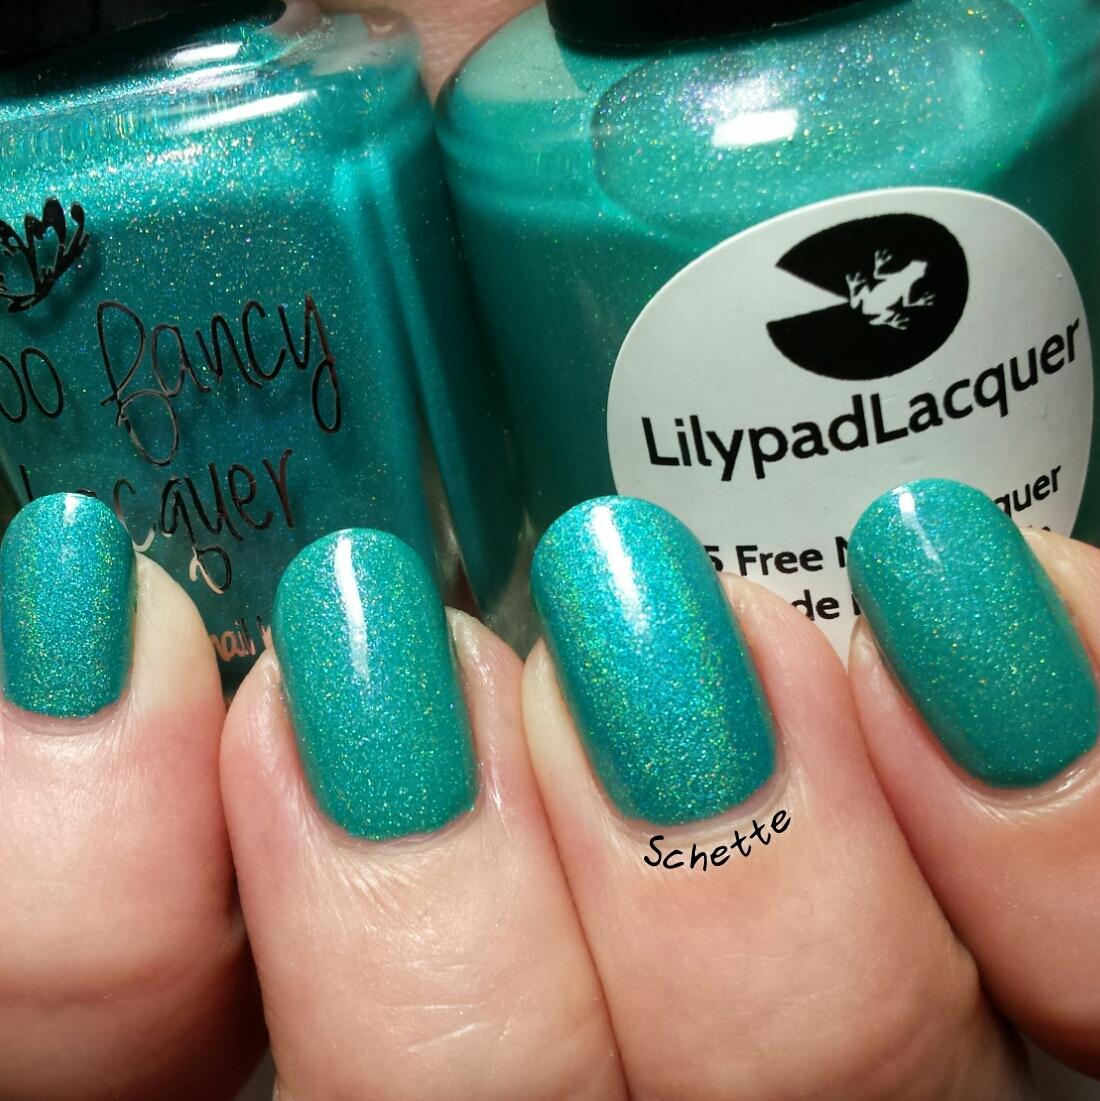 Comparison Too Fancy Lacquer Sea ya / Lilypad Lacquer Neon Ocean Lights